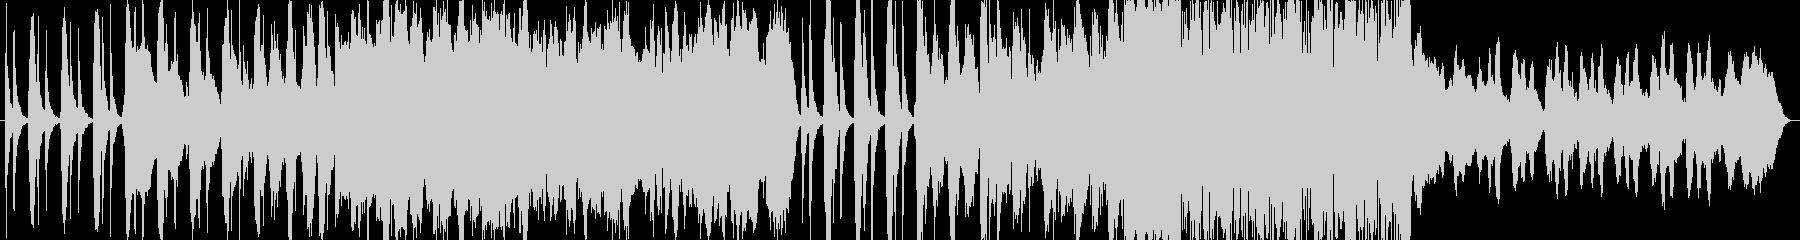 凛とした雰囲気の、弦楽四重奏です。の未再生の波形